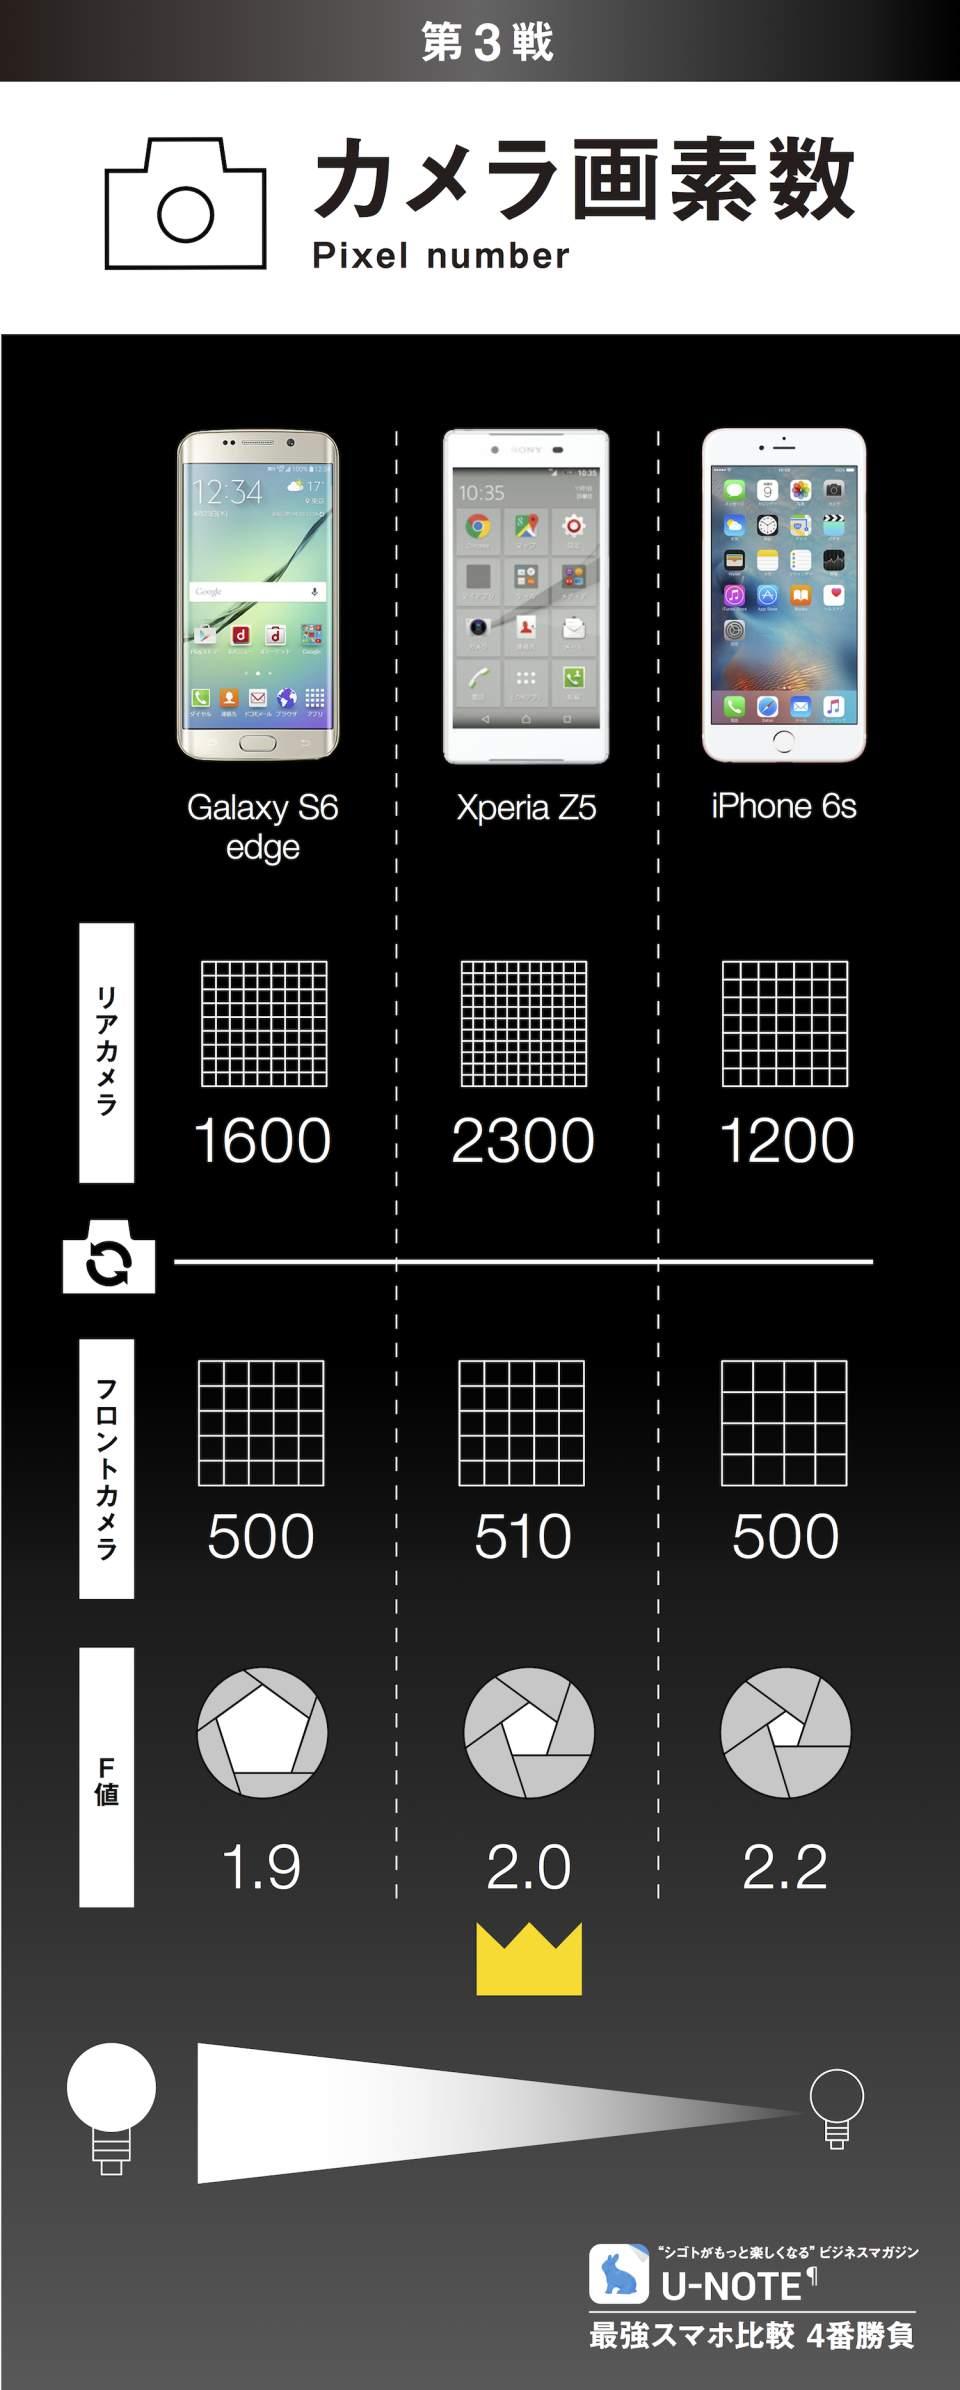 最強スマホ比較 4番勝負:Galaxy S6 edge/Xperia Z5/iPhone 6s 4番目の画像